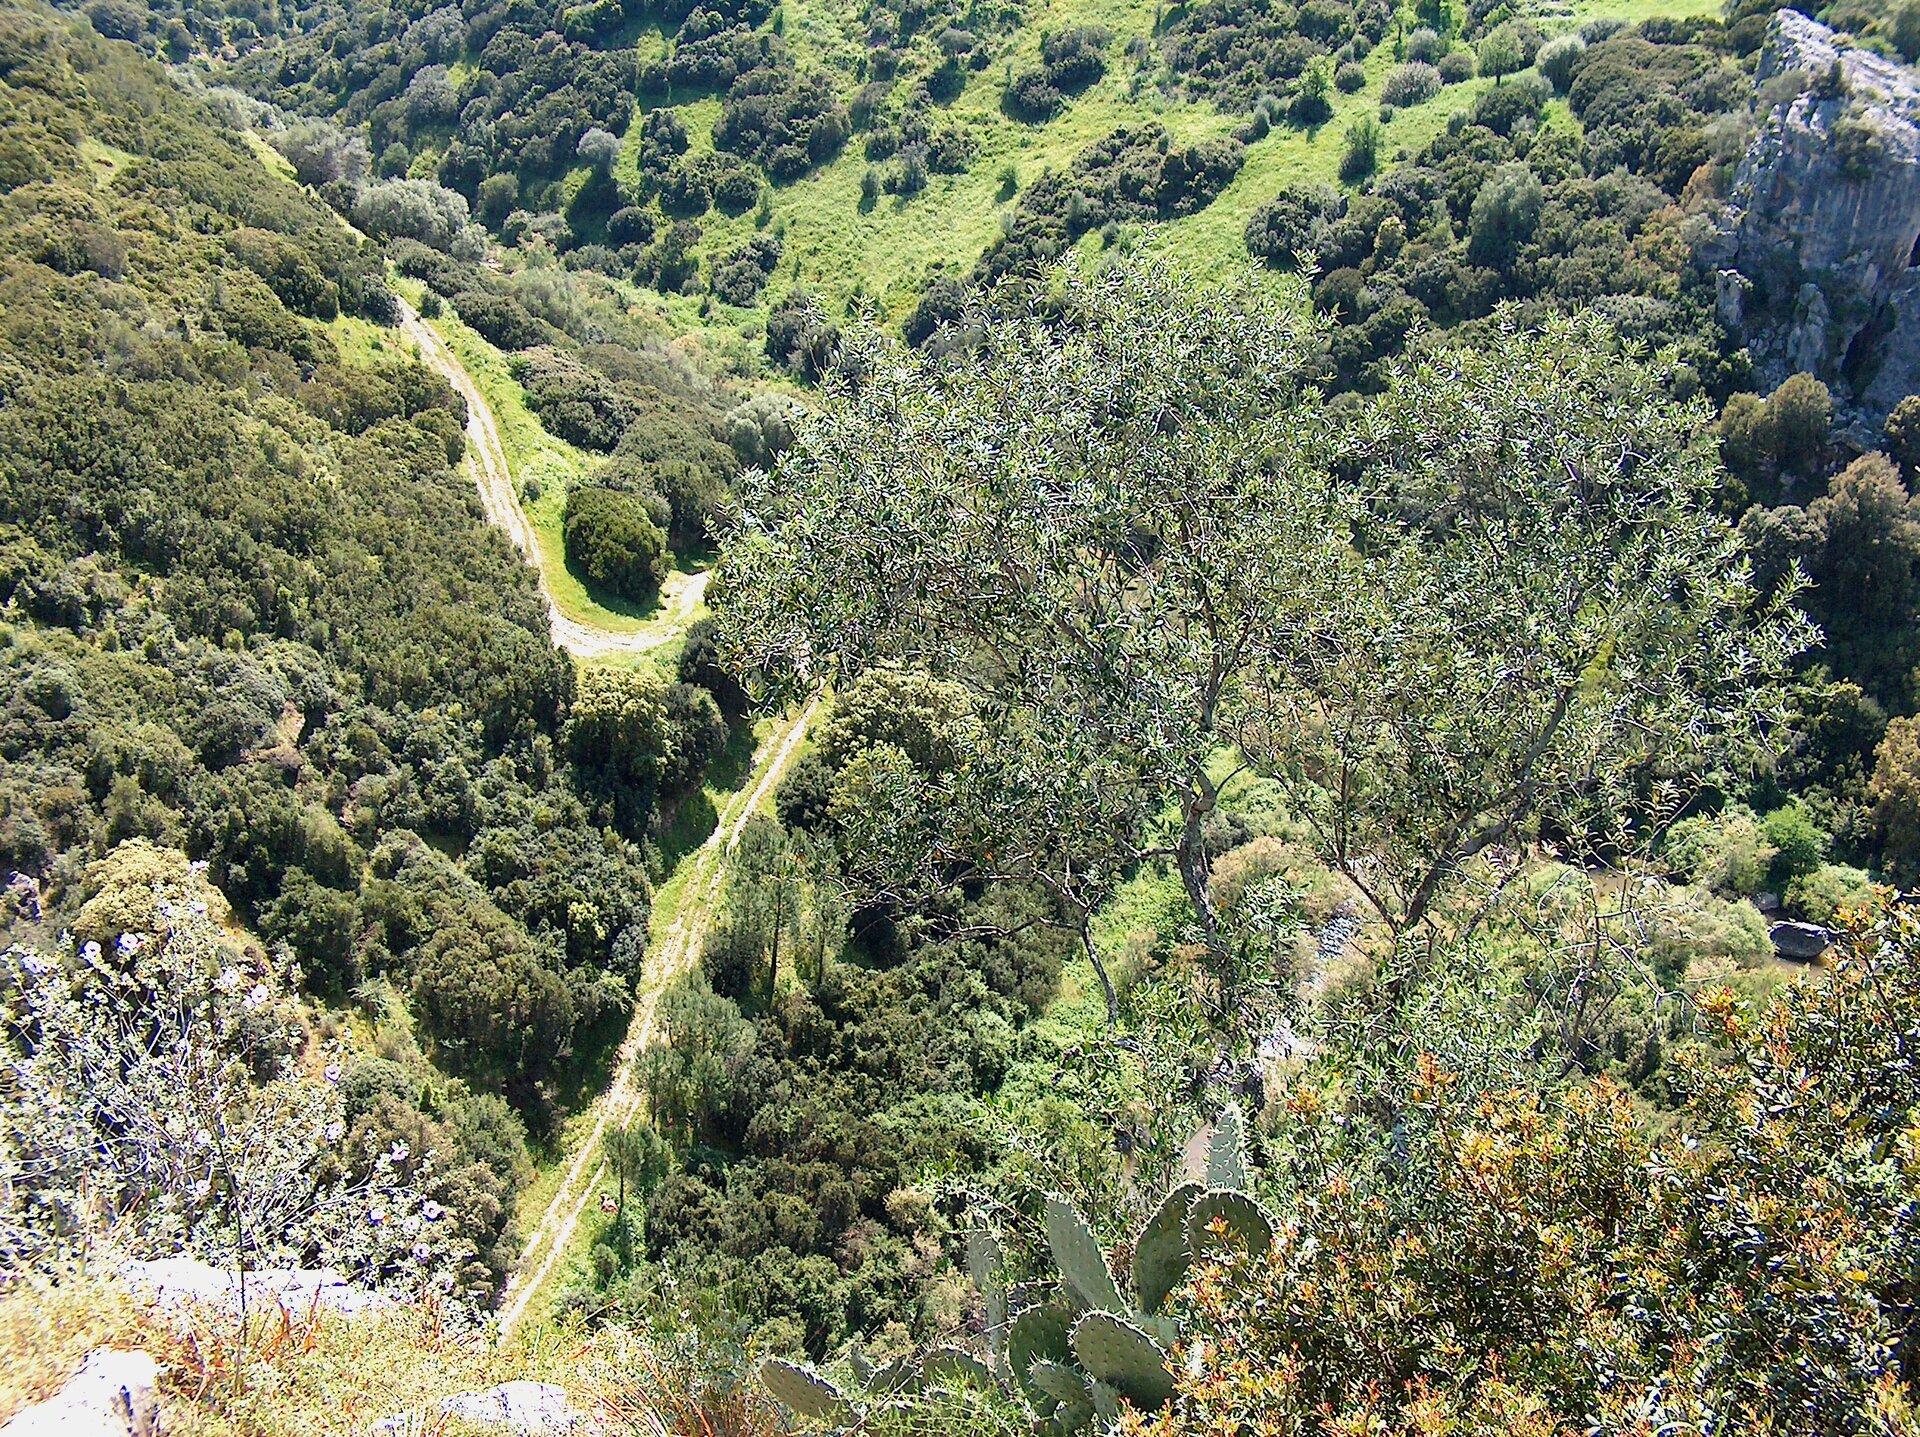 Zdjęcie przedstawia krajobraz śródziemnomorski. Na zdjęciu dolina porośnięta krzaczastą, sucholubną roślinnością.